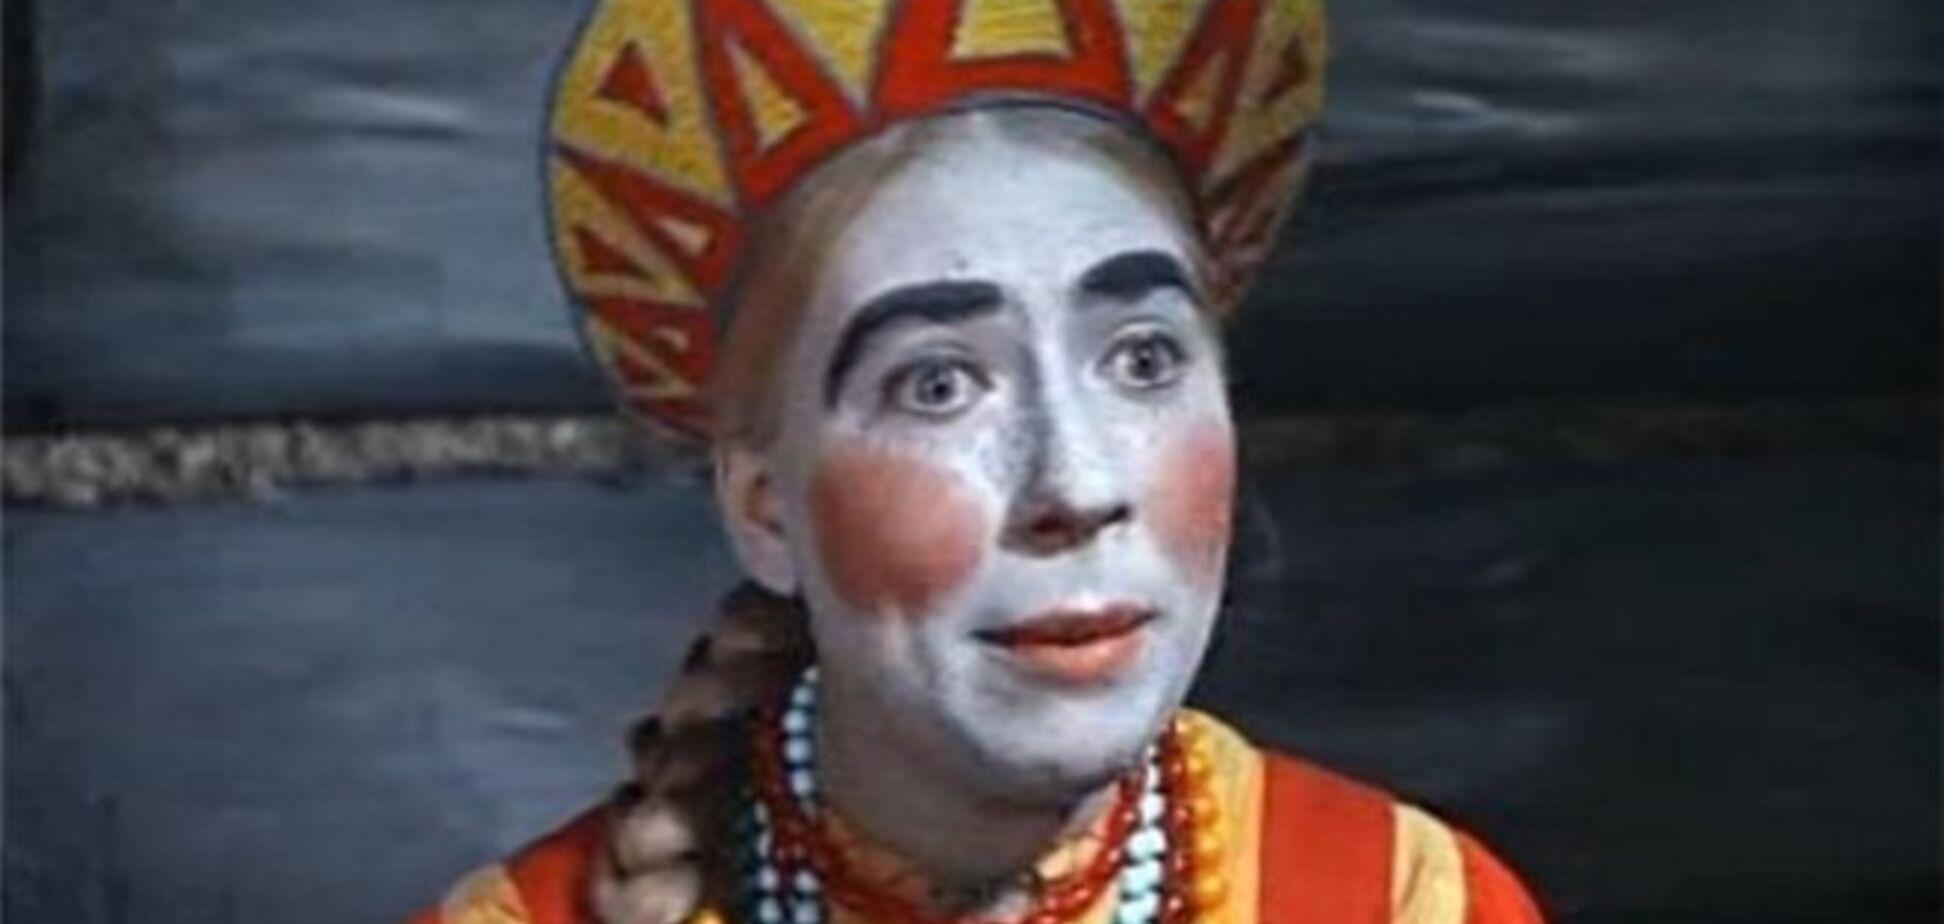 Сенатор запропонував росіянкам фарбувати губи буряком і носити білизну московської фабрики